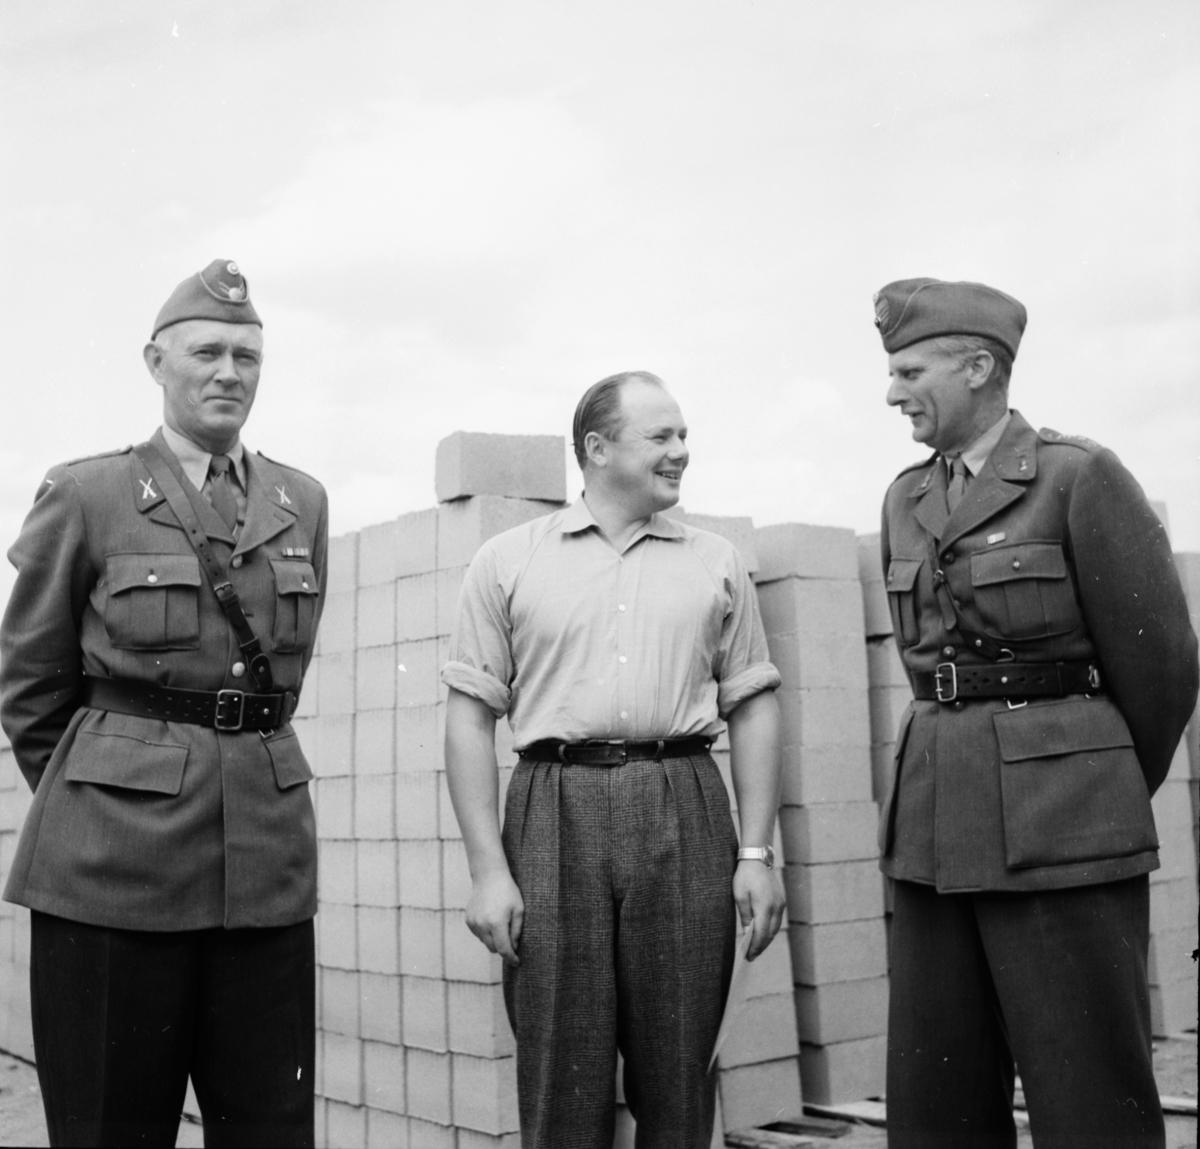 Livräddare Erik Persson får diplom. Landshövding John Lingman Arbrå 10/8 1959